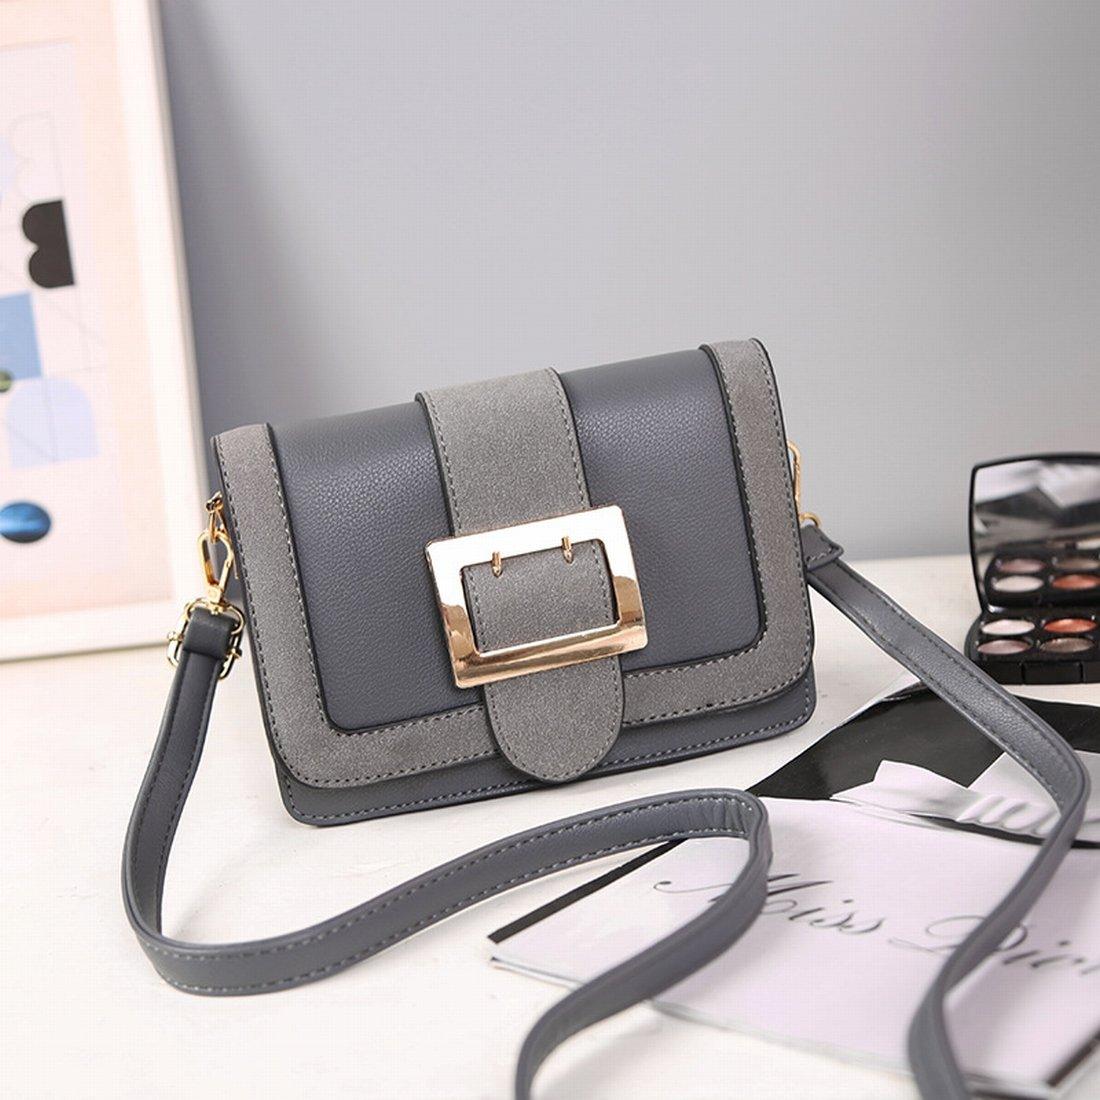 Weiblich Schulter Messenger Bag Fashion Paket